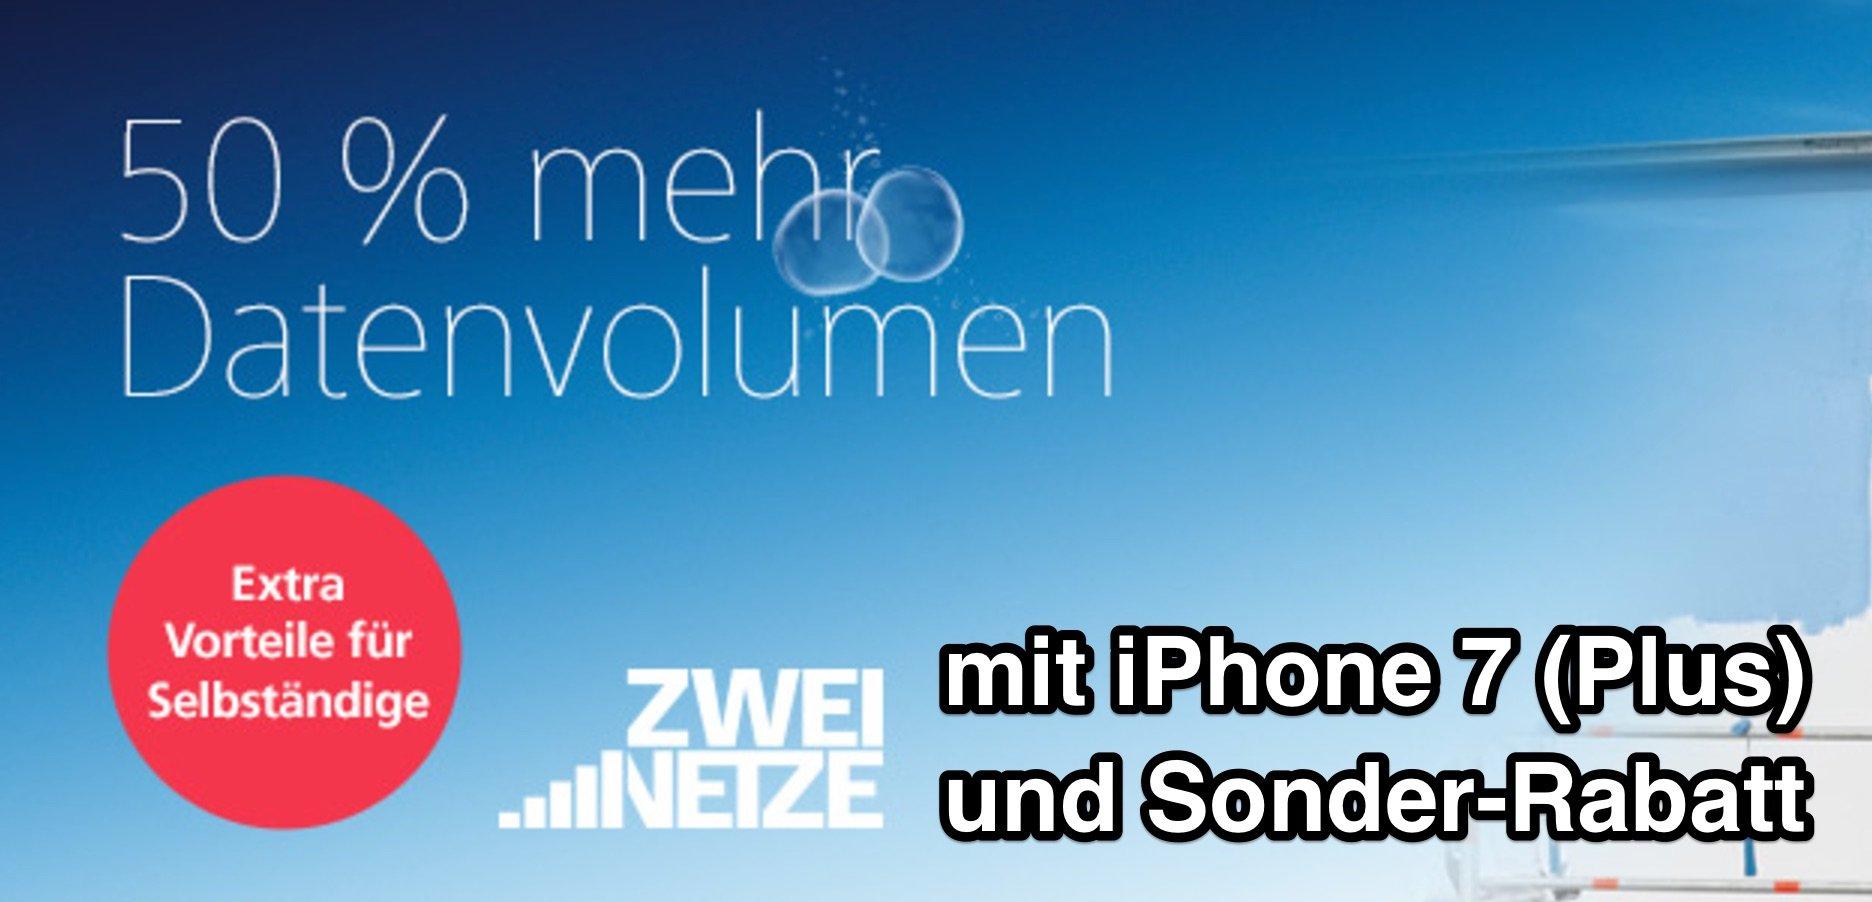 iPhone 7 (Plus) für Geschäftskunden & Selbstständige bis zu 330€ billiger! 1